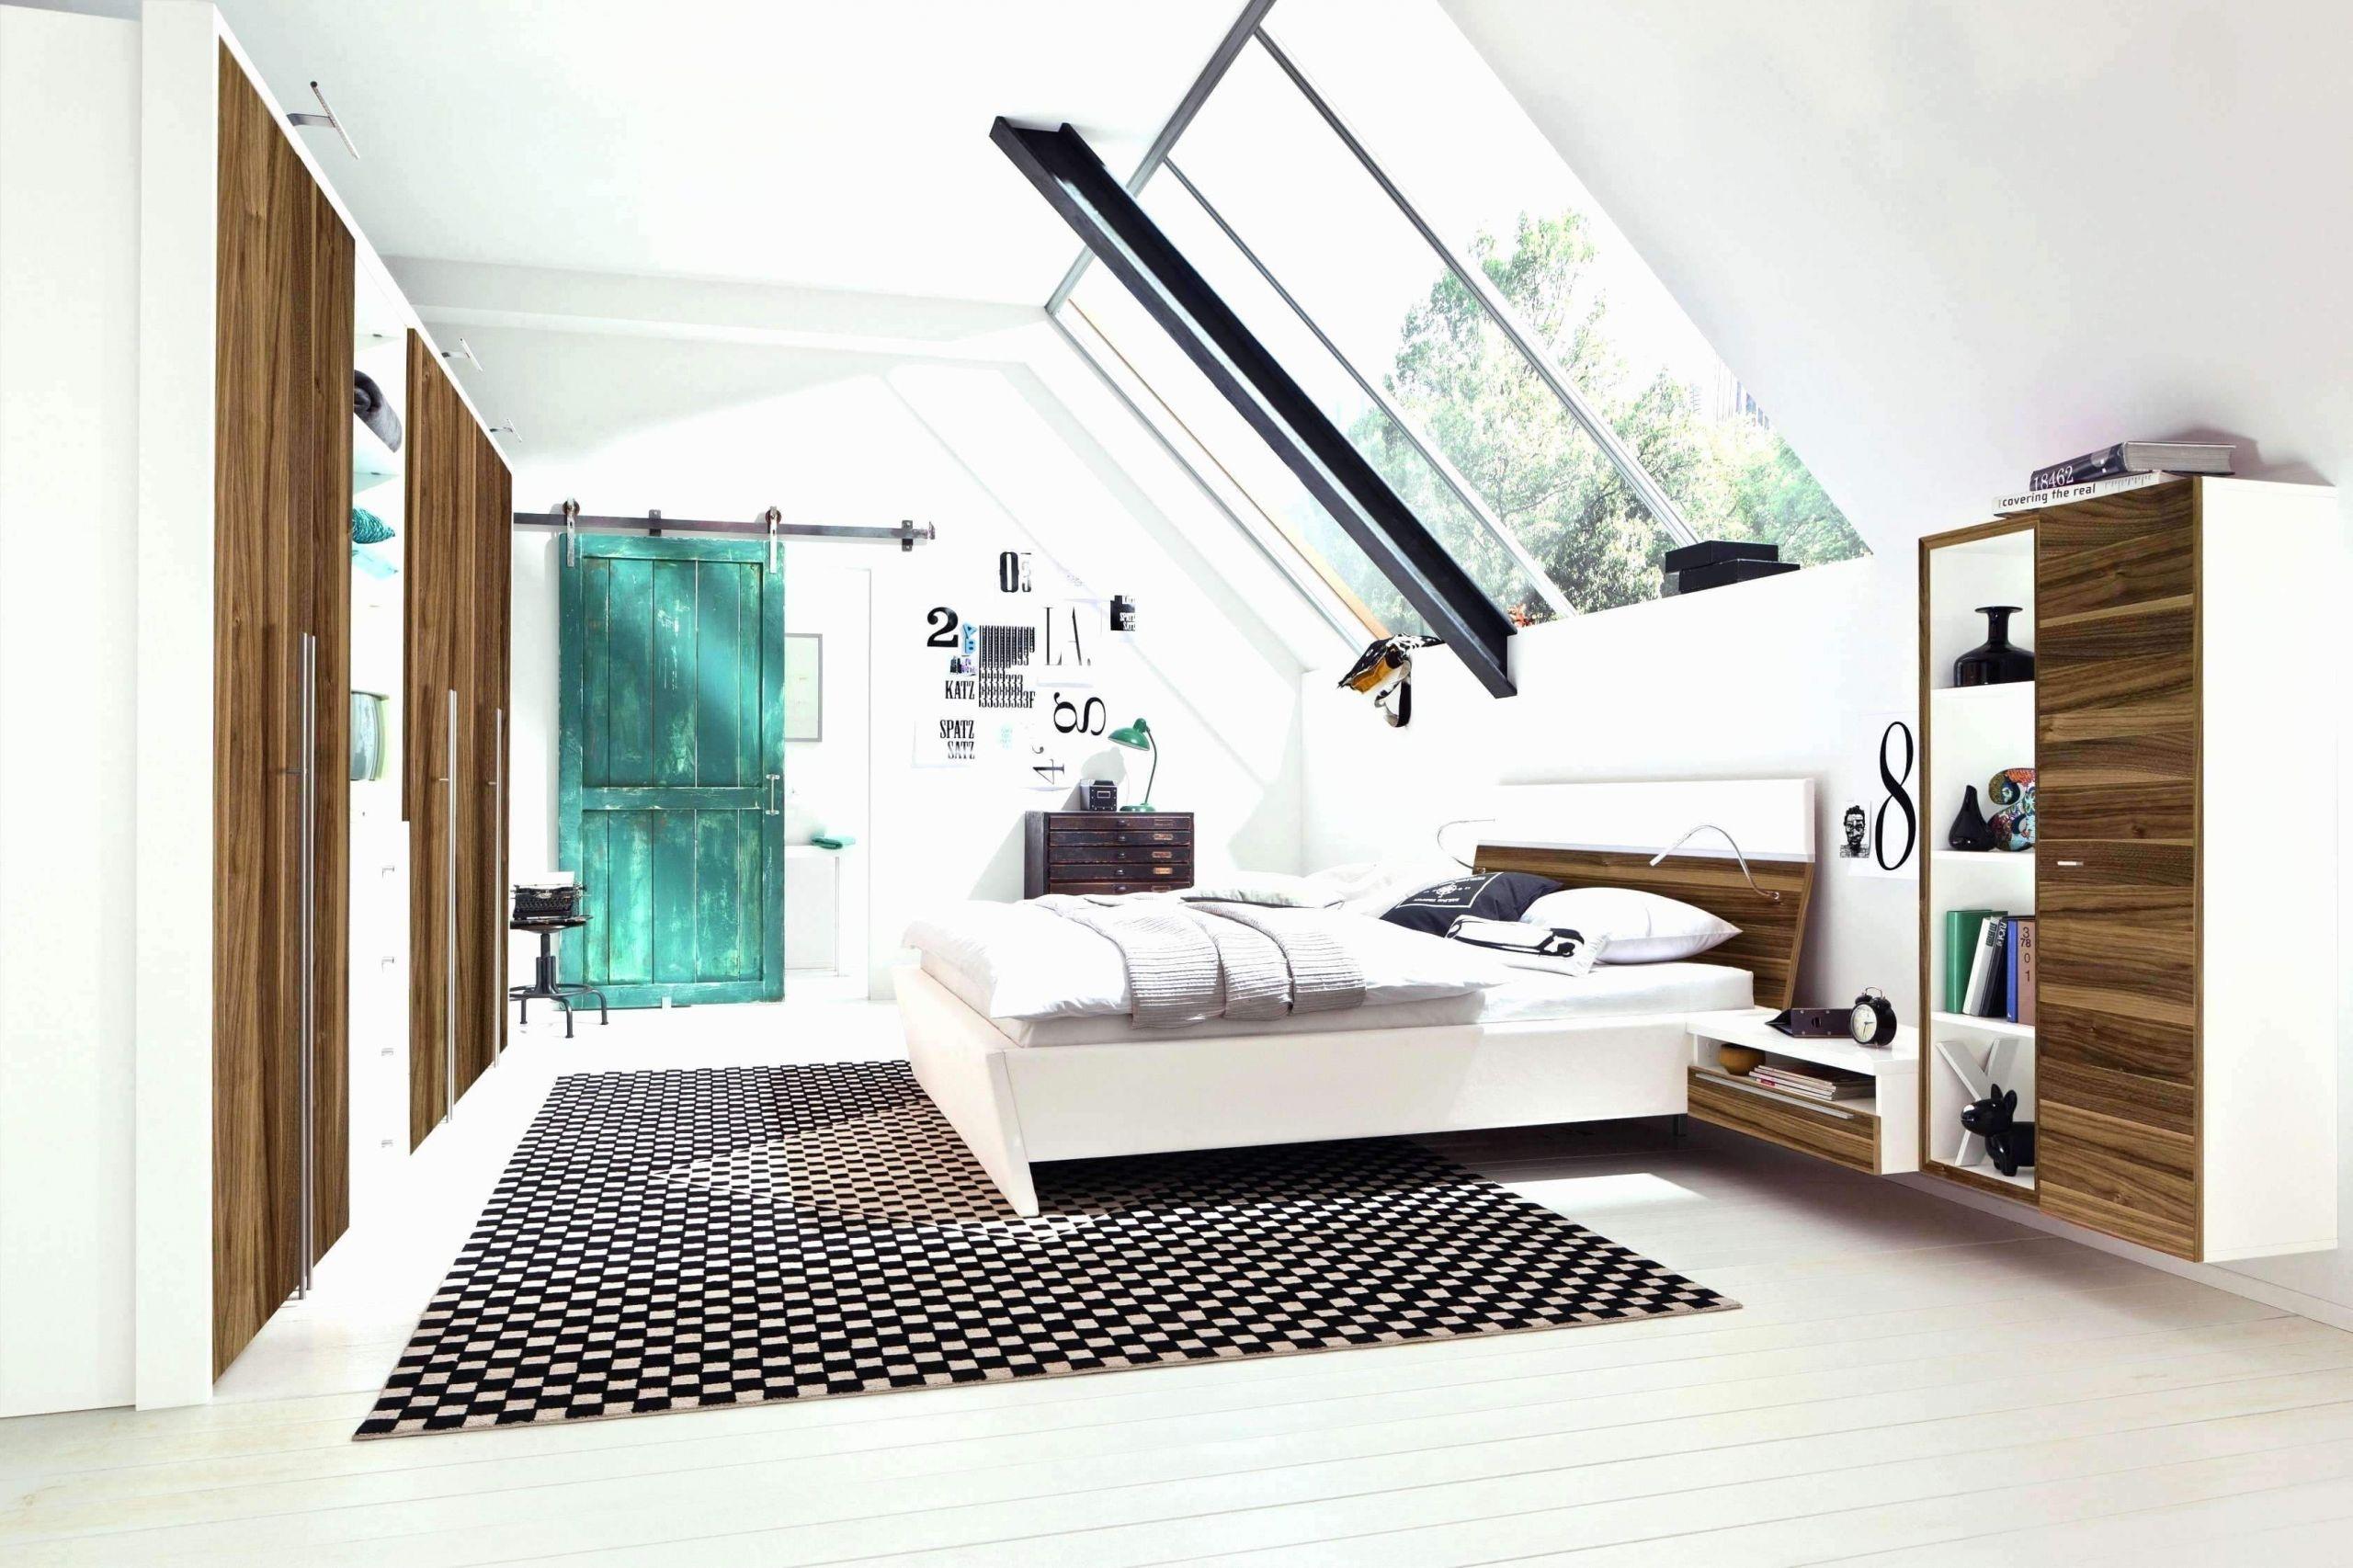 wohnzimmer deko online shop schon 35 einzigartig inspiration schlafzimmer of wohnzimmer deko online shop scaled